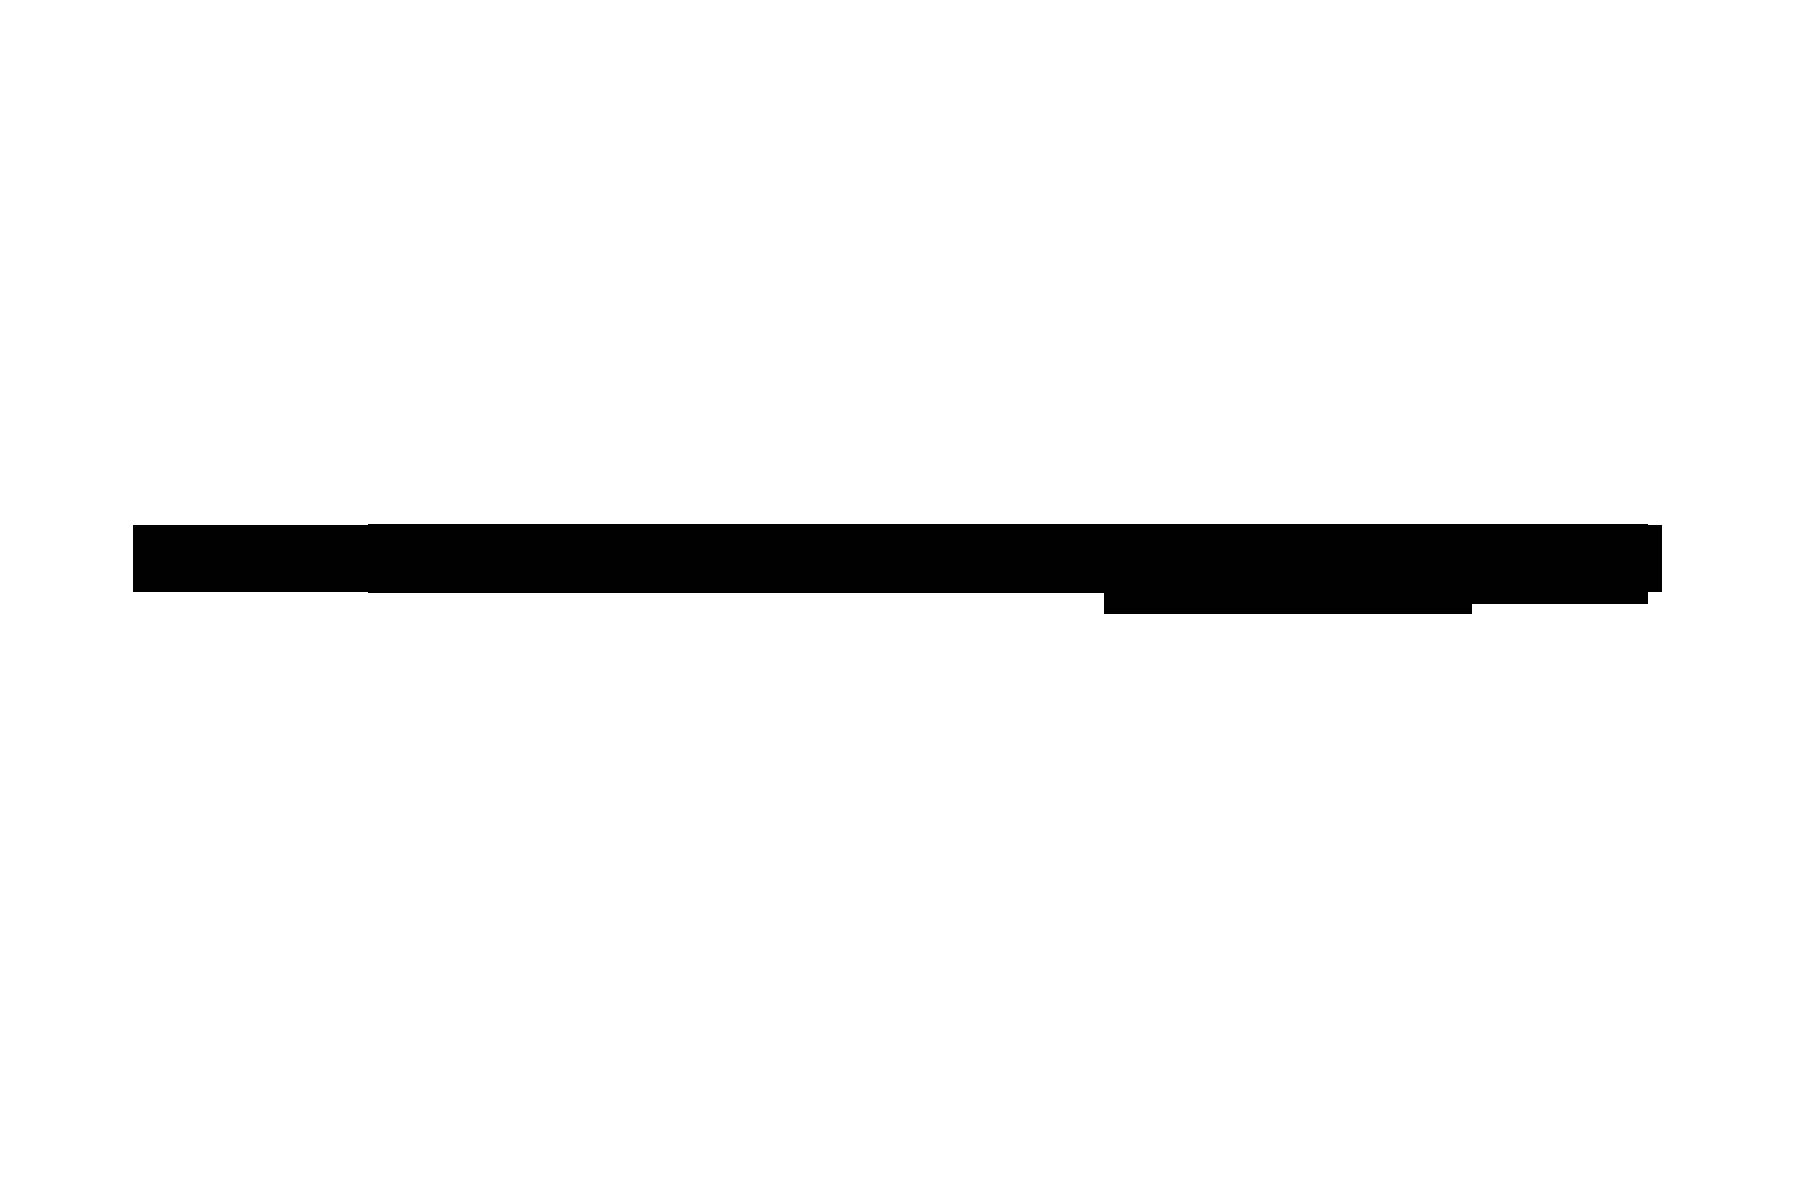 geometa-imagem-marcação